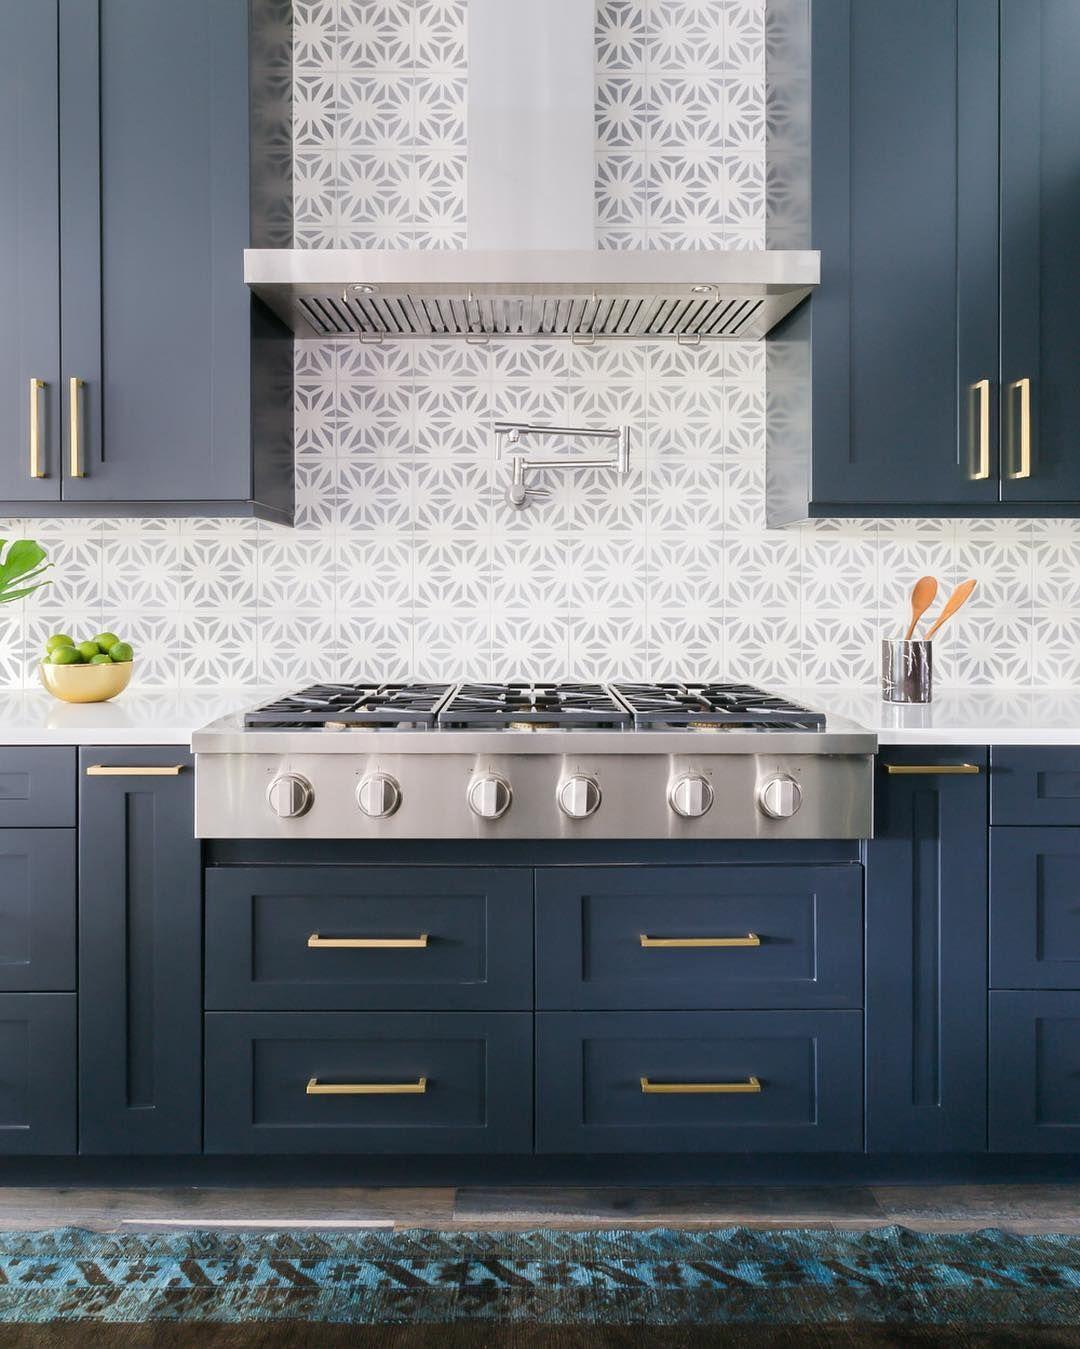 Pin De Ryder Richards En I Can Cook Diseno De Cocina Decoracion De Cocina Decoracion De Cocina Moderna